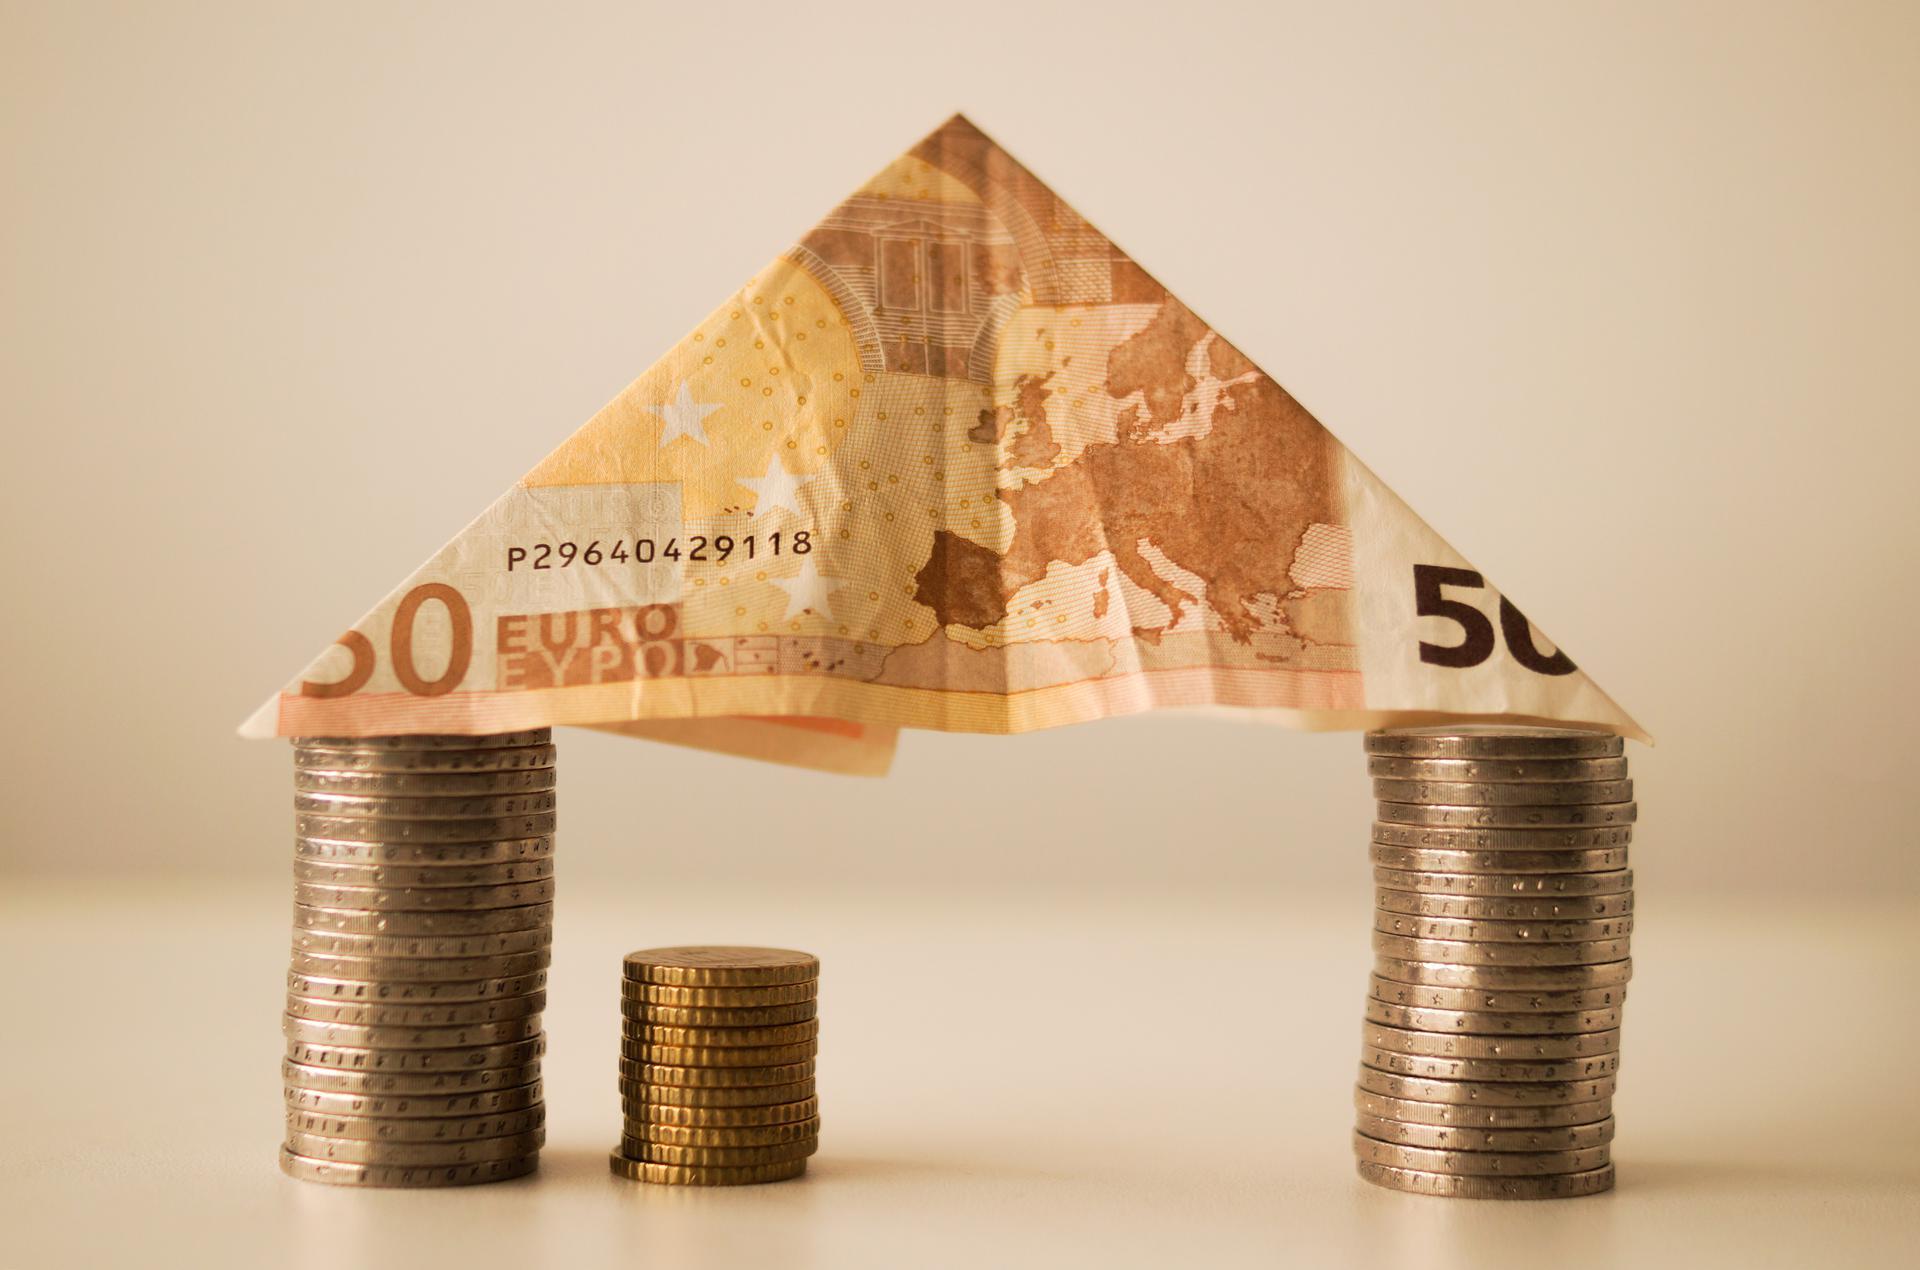 Einlagensicherungssystem der Banken (Bild: Skitterphoto from Pexels)